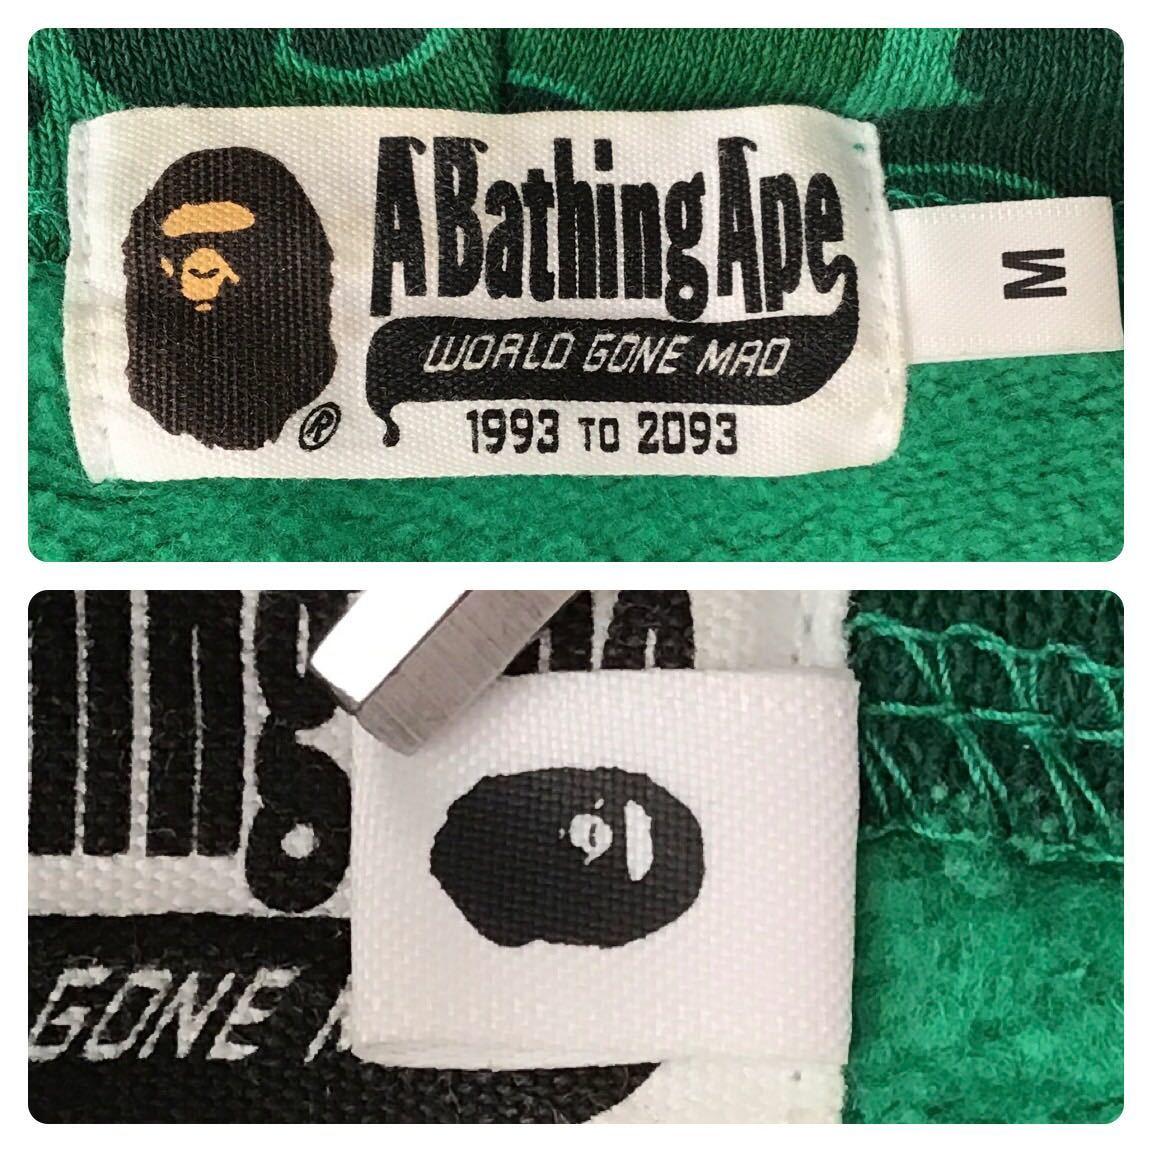 ★渋谷限定★ shibuya city camo シャーク パーカー Mサイズ shark full zip hoodie a bathing ape BAPE エイプ ベイプ 迷彩 2017